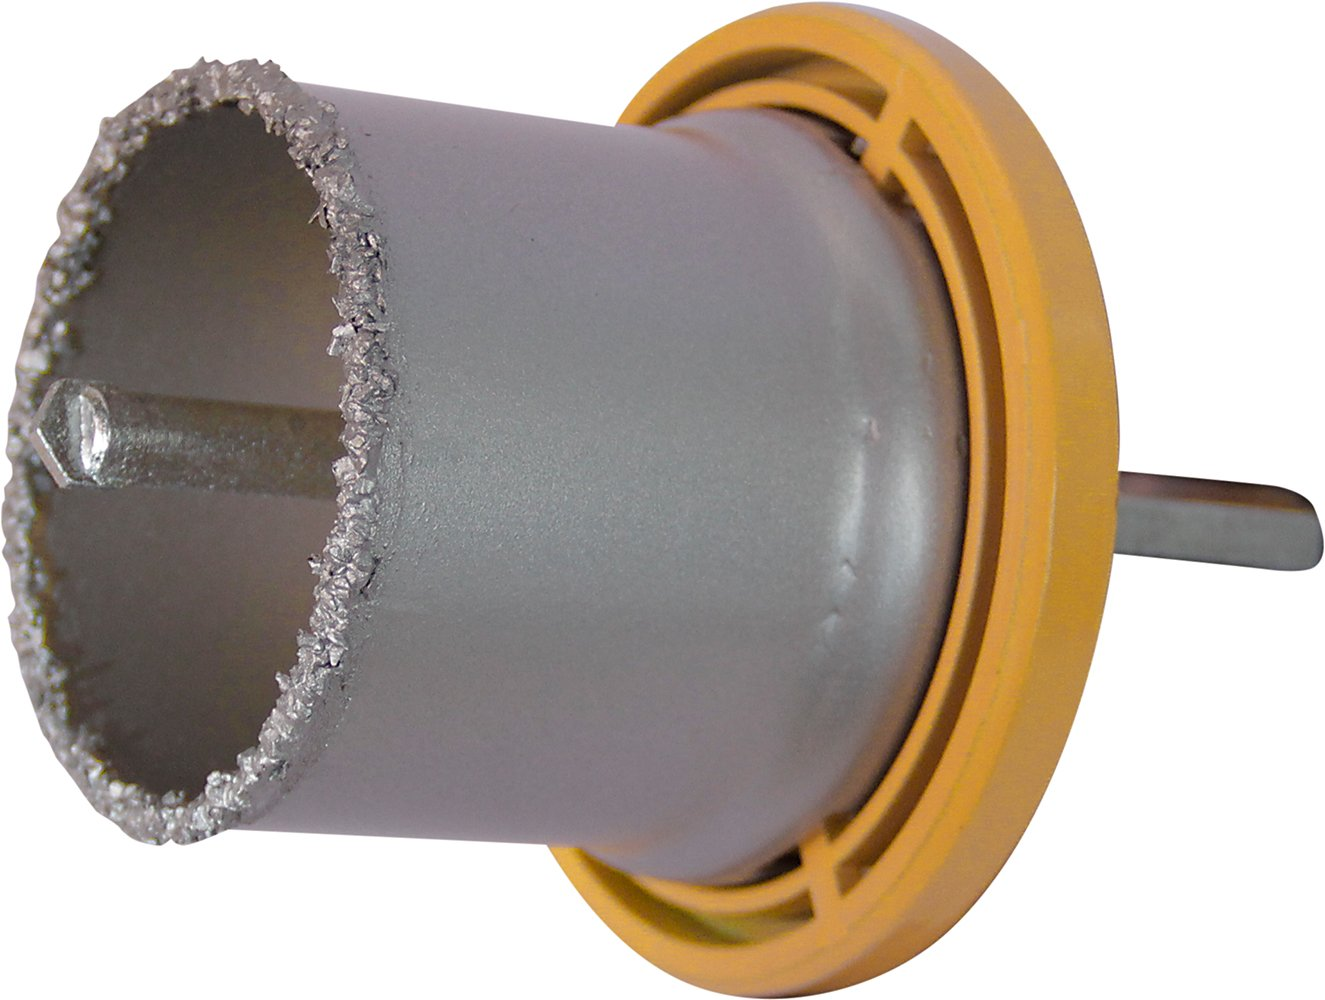 Smartool - 182542 - Scie tré pan ø 68 mm boitier é lectrique (brique-faï ence)